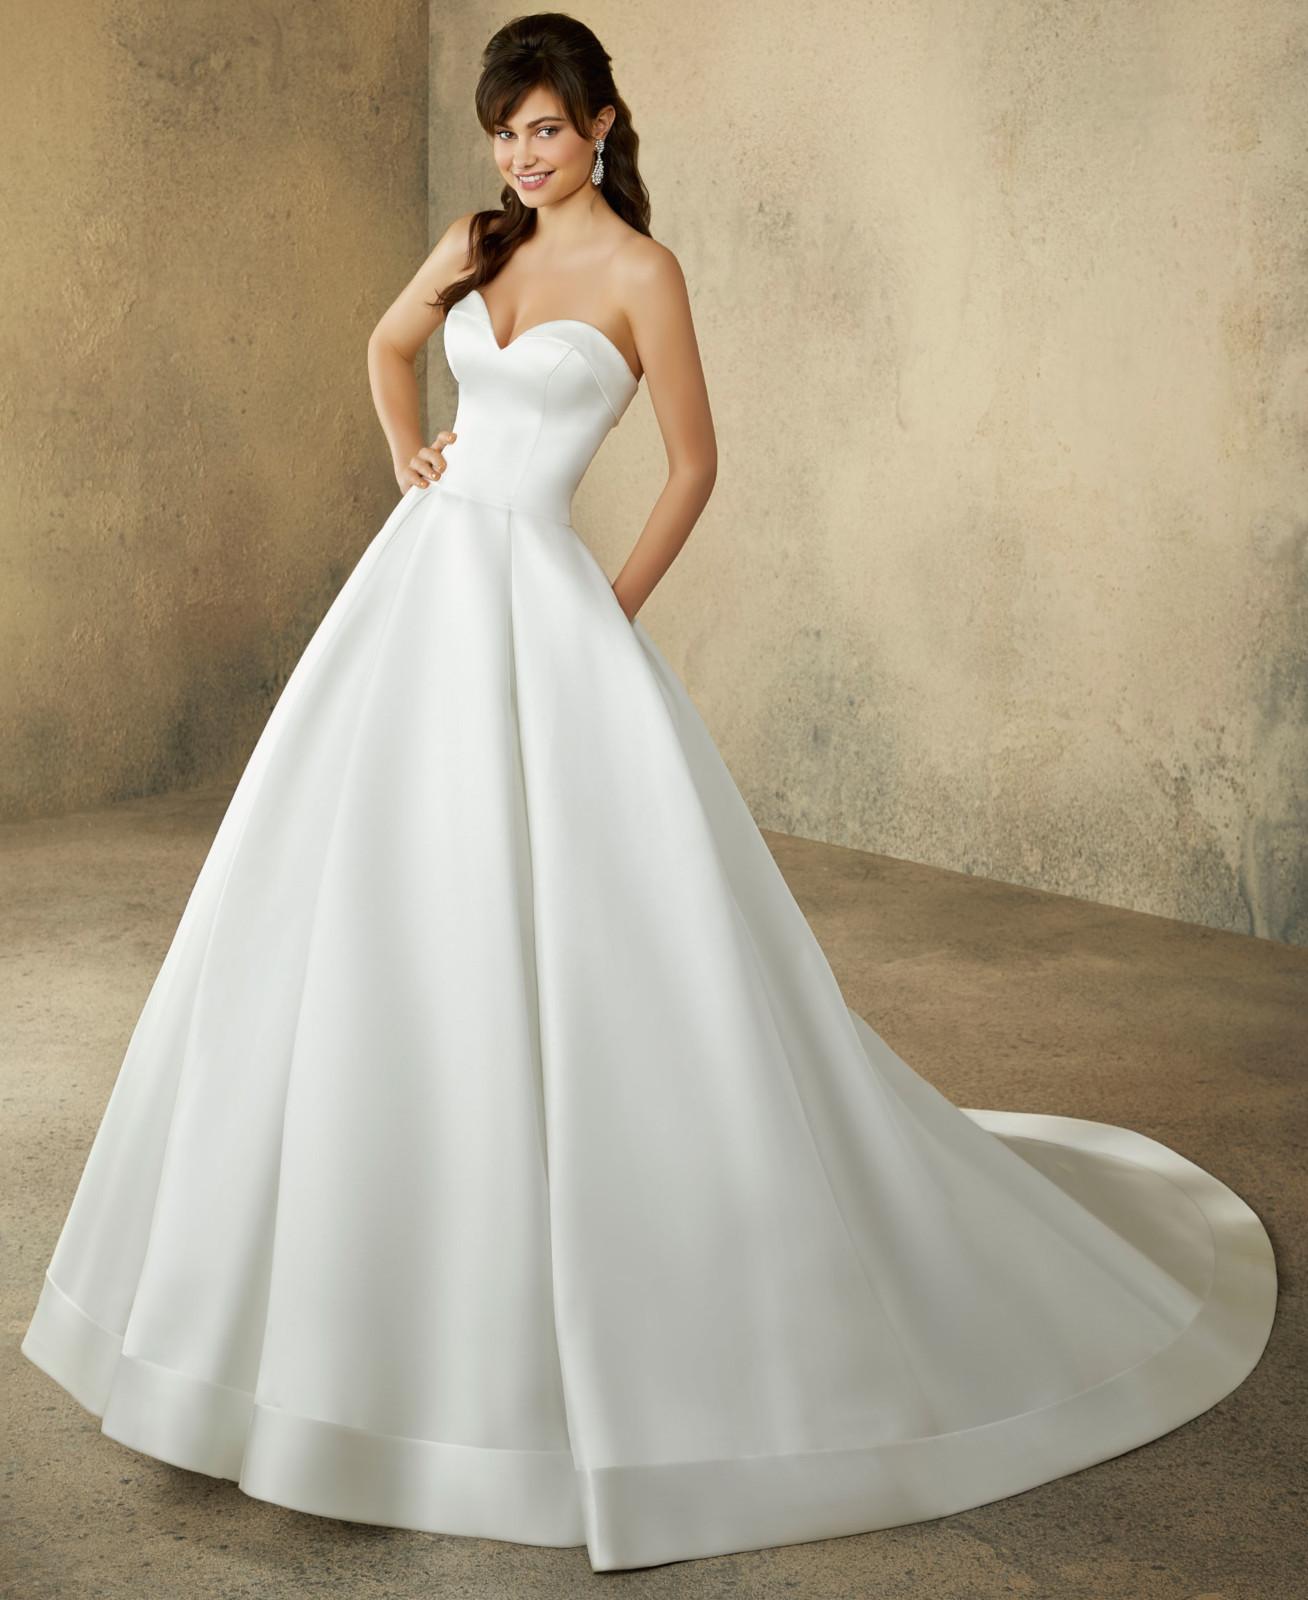 Νυφικό Φόρεμα, MORILEE, by Madeline Gardner, duchess satin, Style. 2094